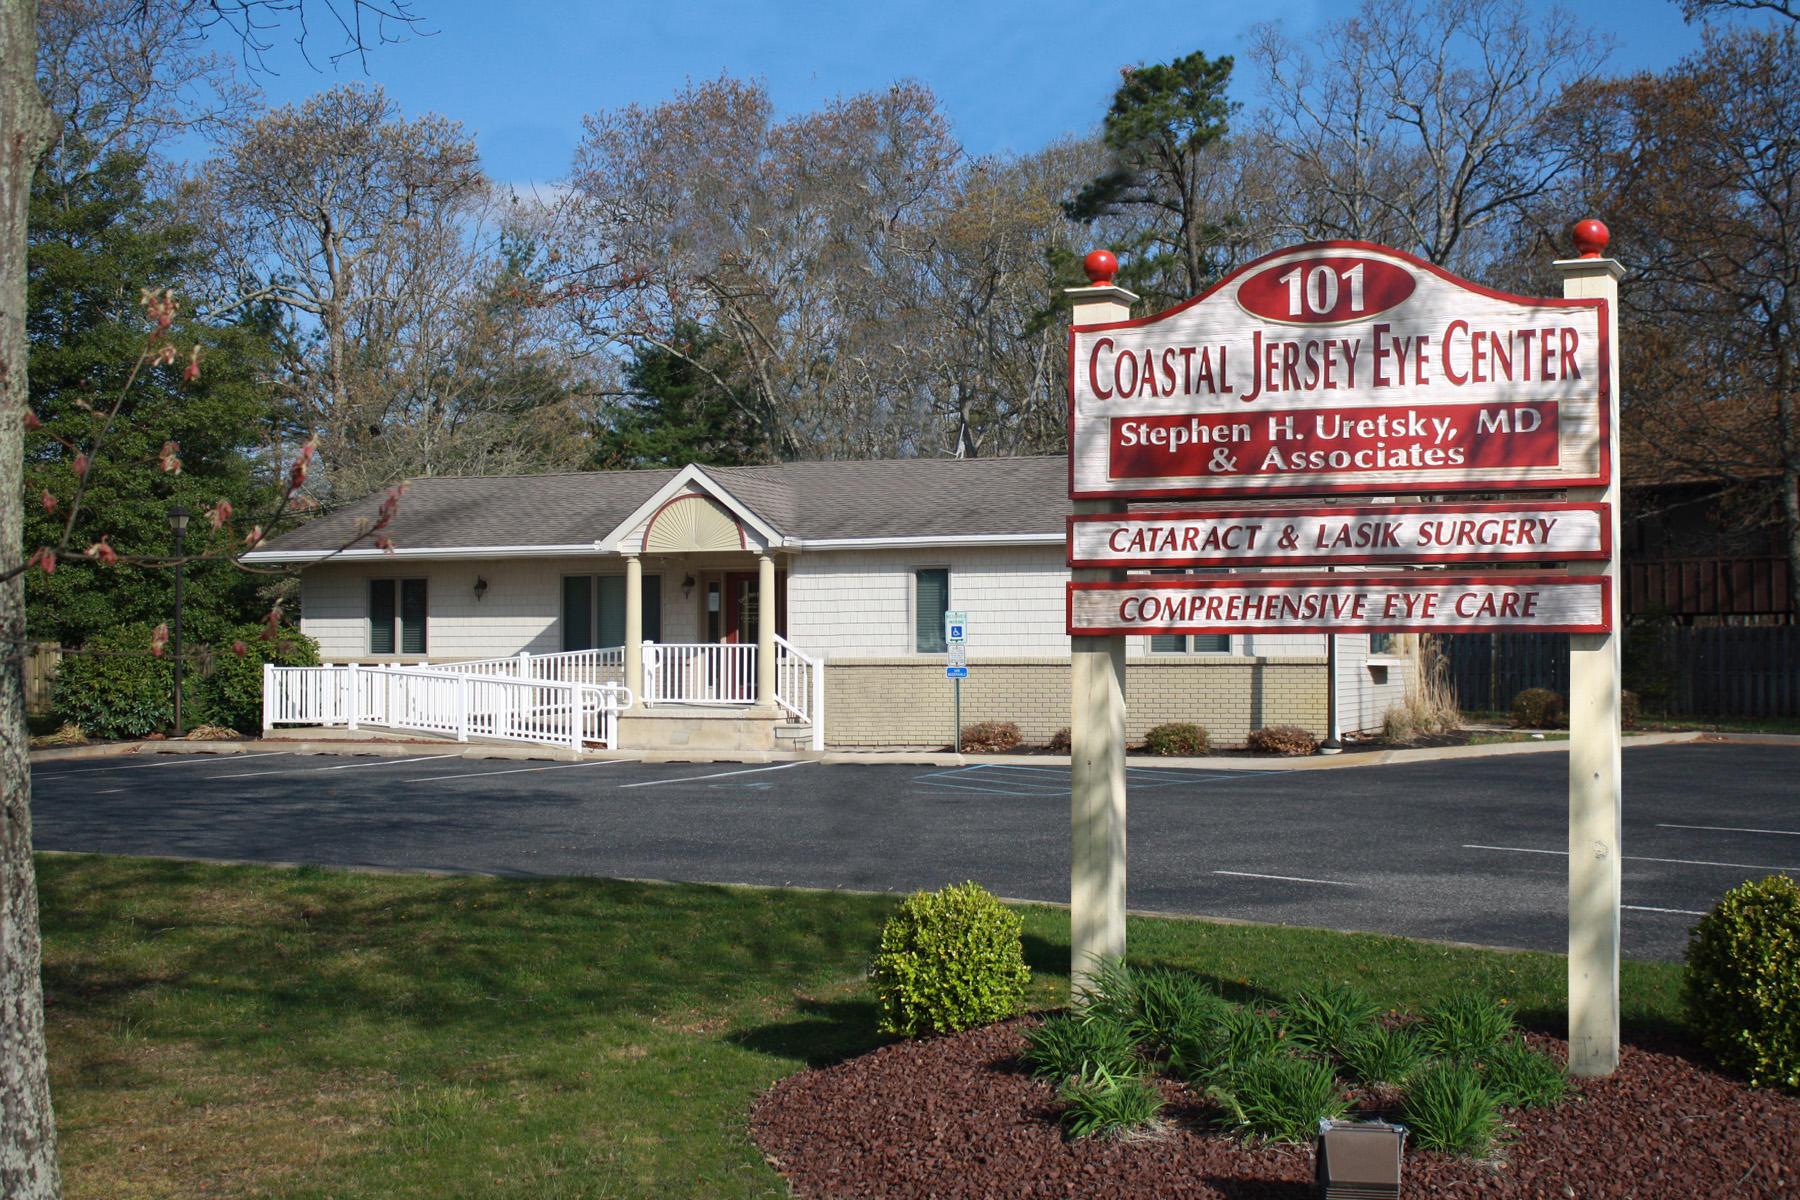 Coastal Jersey Eye Center image 2